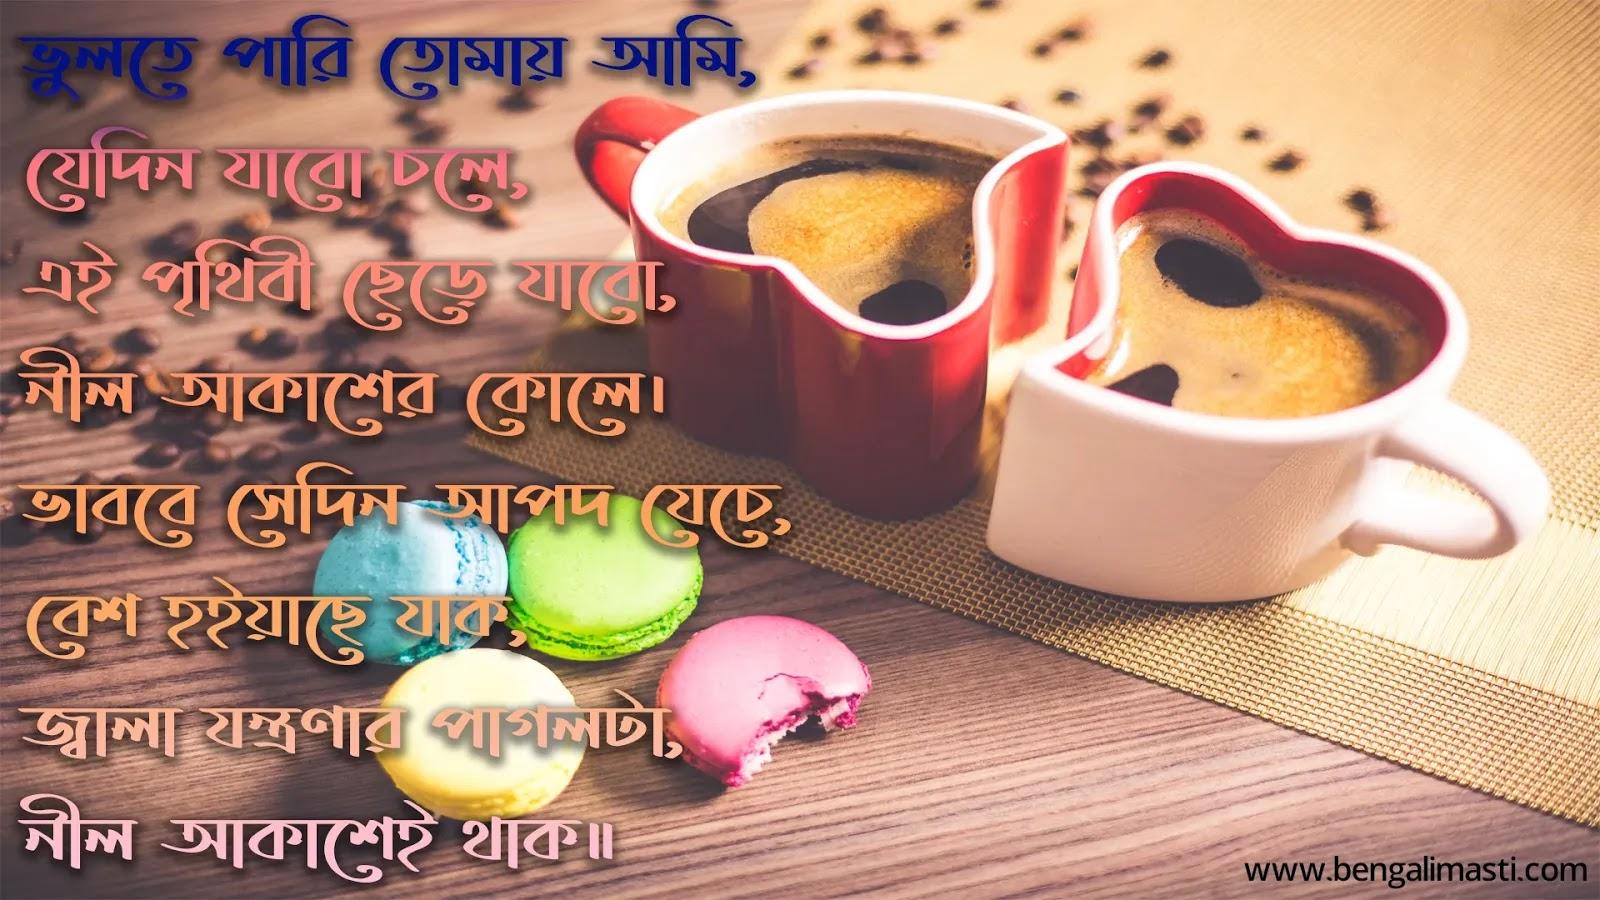 Romantic In Bengali